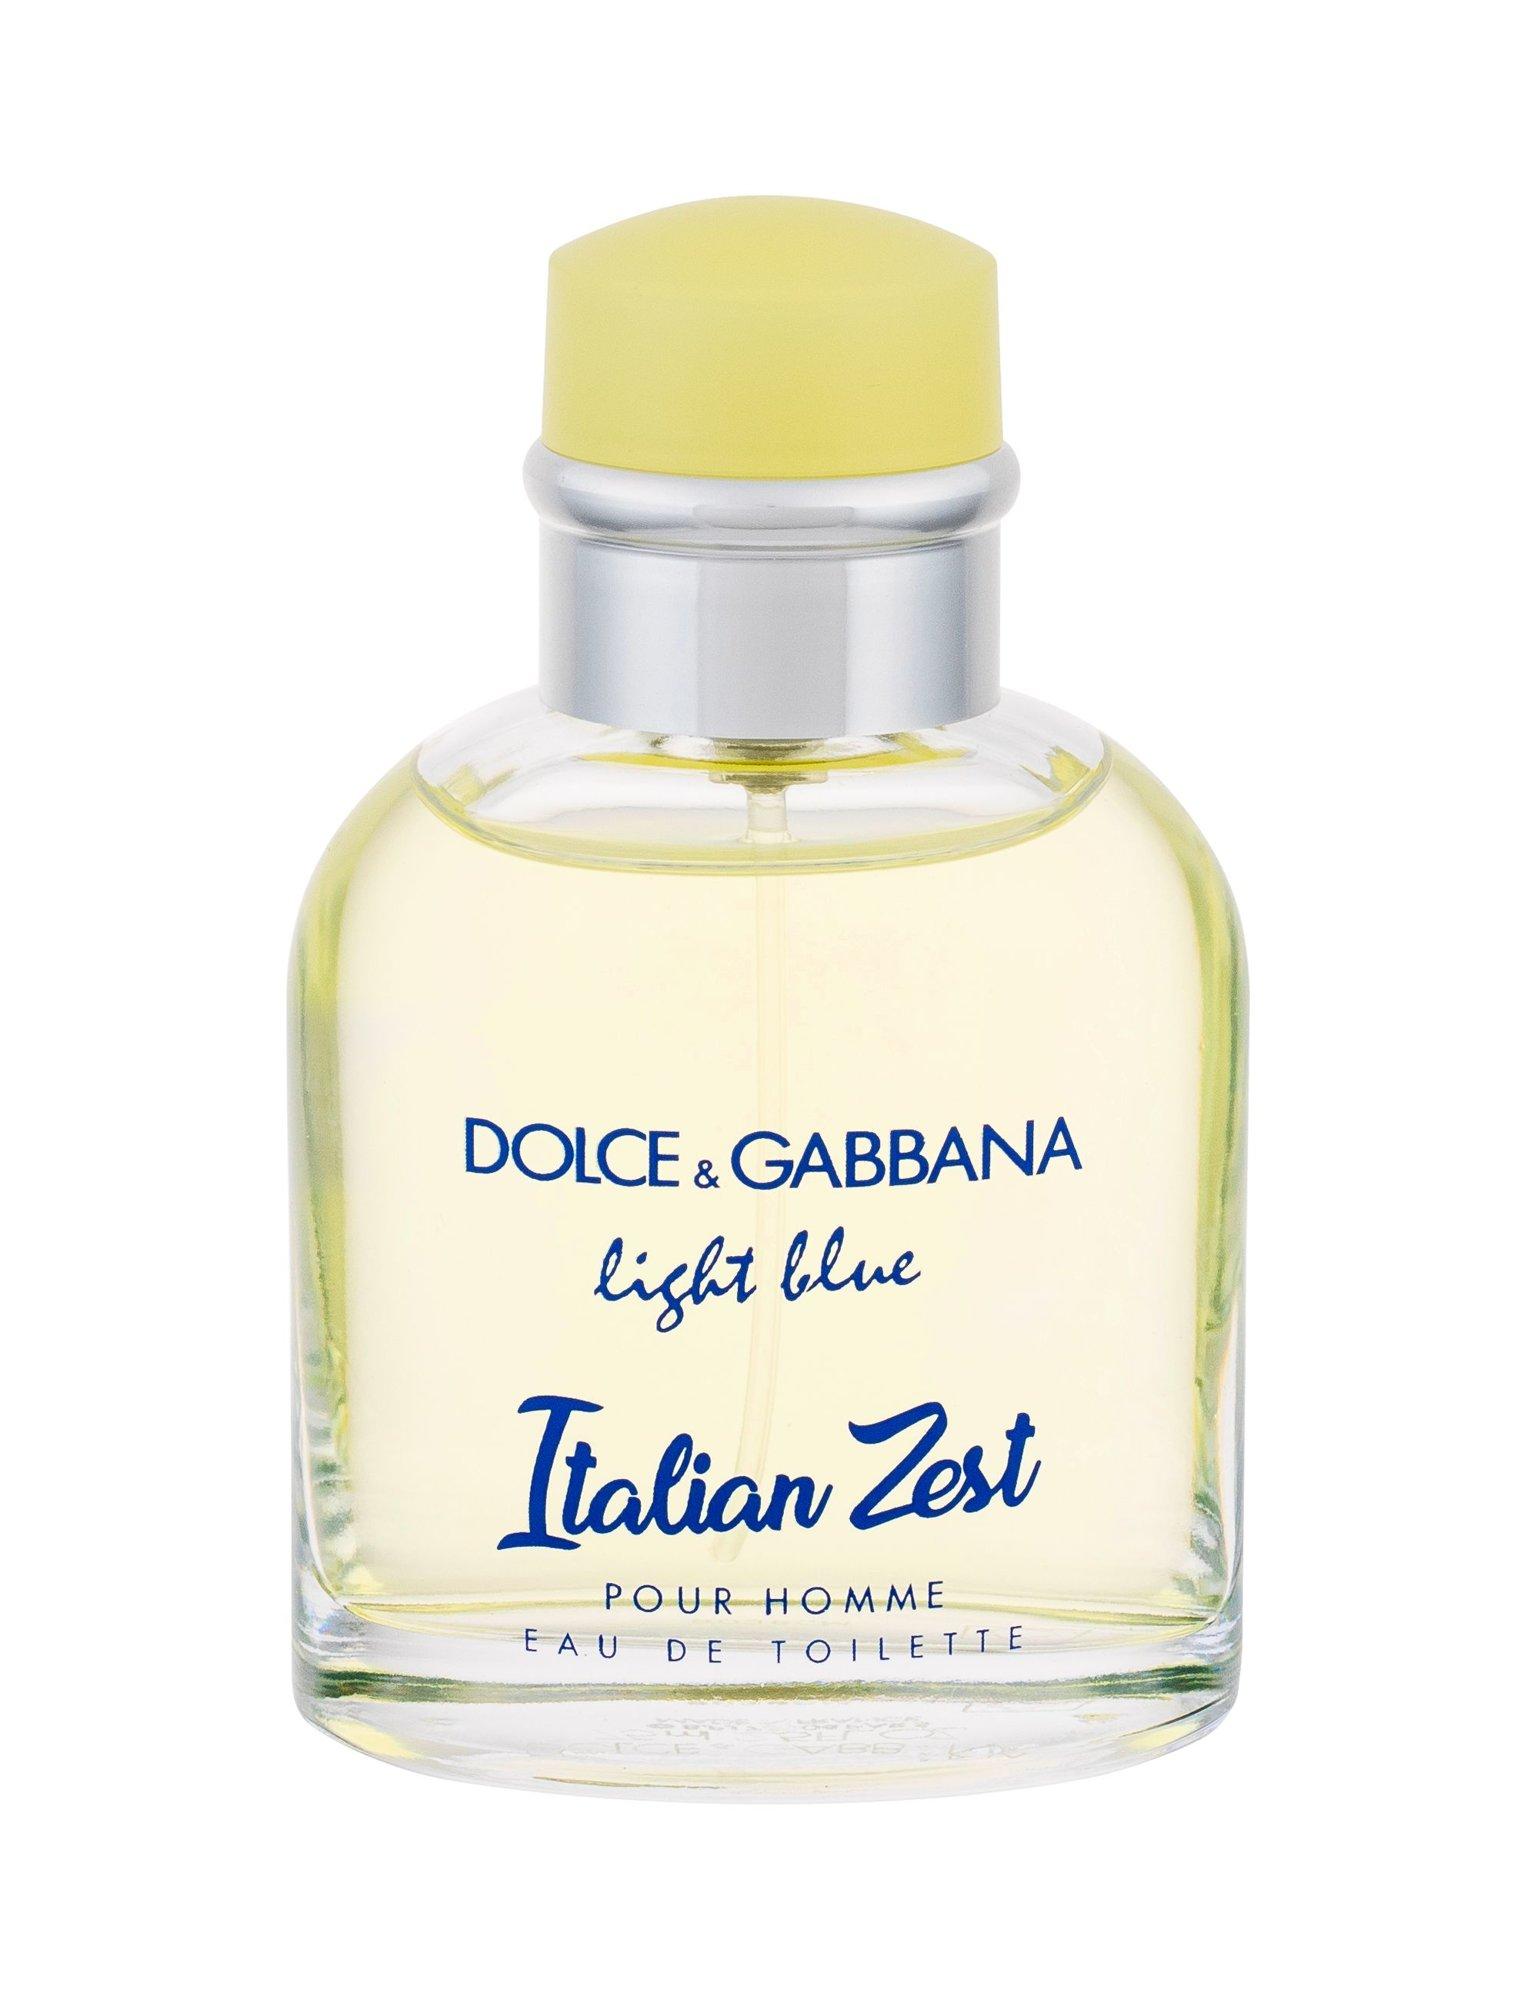 Dolce&Gabbana Light Blue Italian Zest Pour Homme Eau de Toilette 75ml